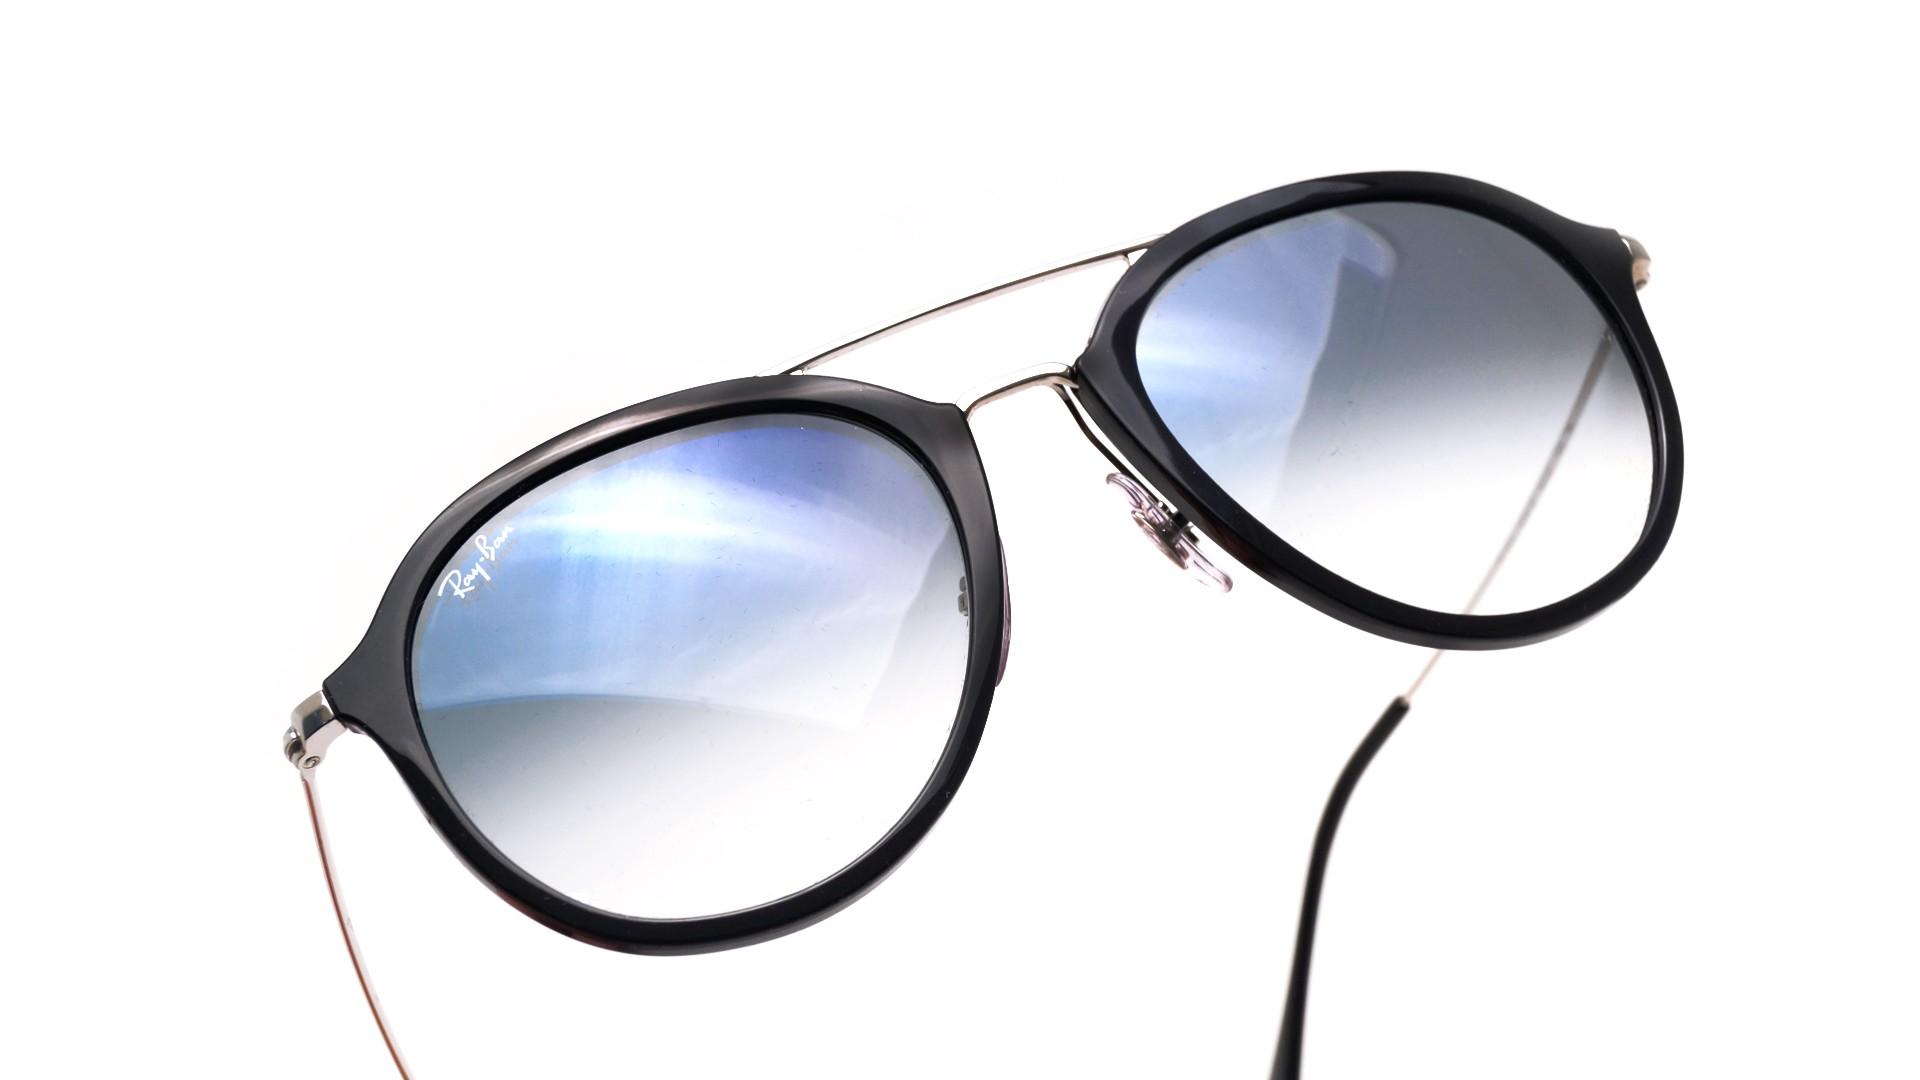 5204a980c7230 Sonnenbrillen Ray-Ban Schwarz RB4253 62923F 53-21 Mittel Gradient Gläser